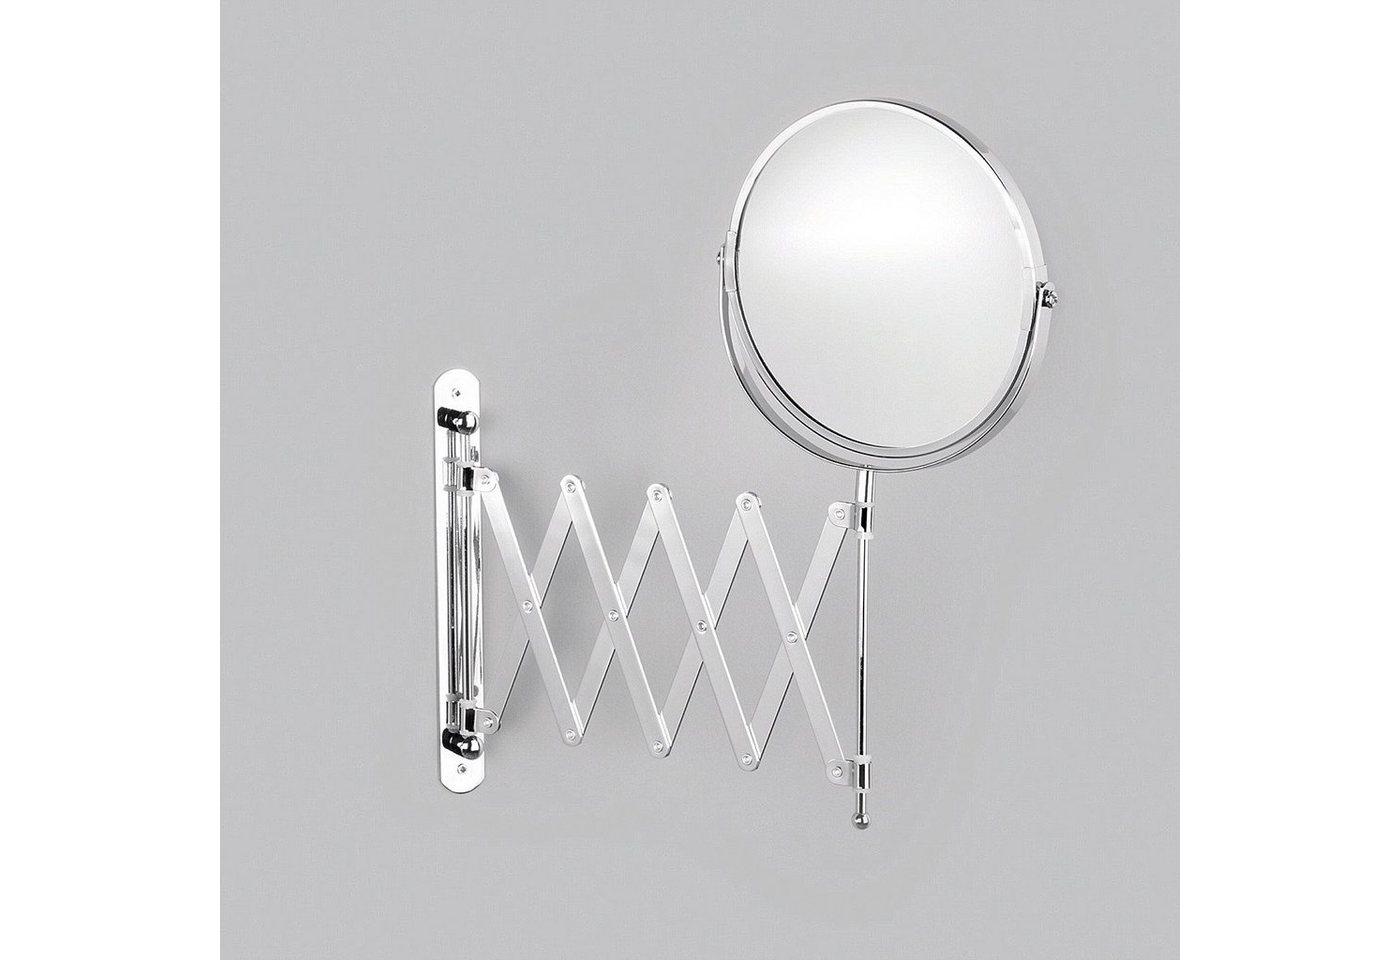 Zeller Spiegel / Kosmetikspiegel »3-fache Vergrößerung« Durchmesser 17 cm | Bad > Bad-Accessoires > Kosmetikspiegel | Zeller Present